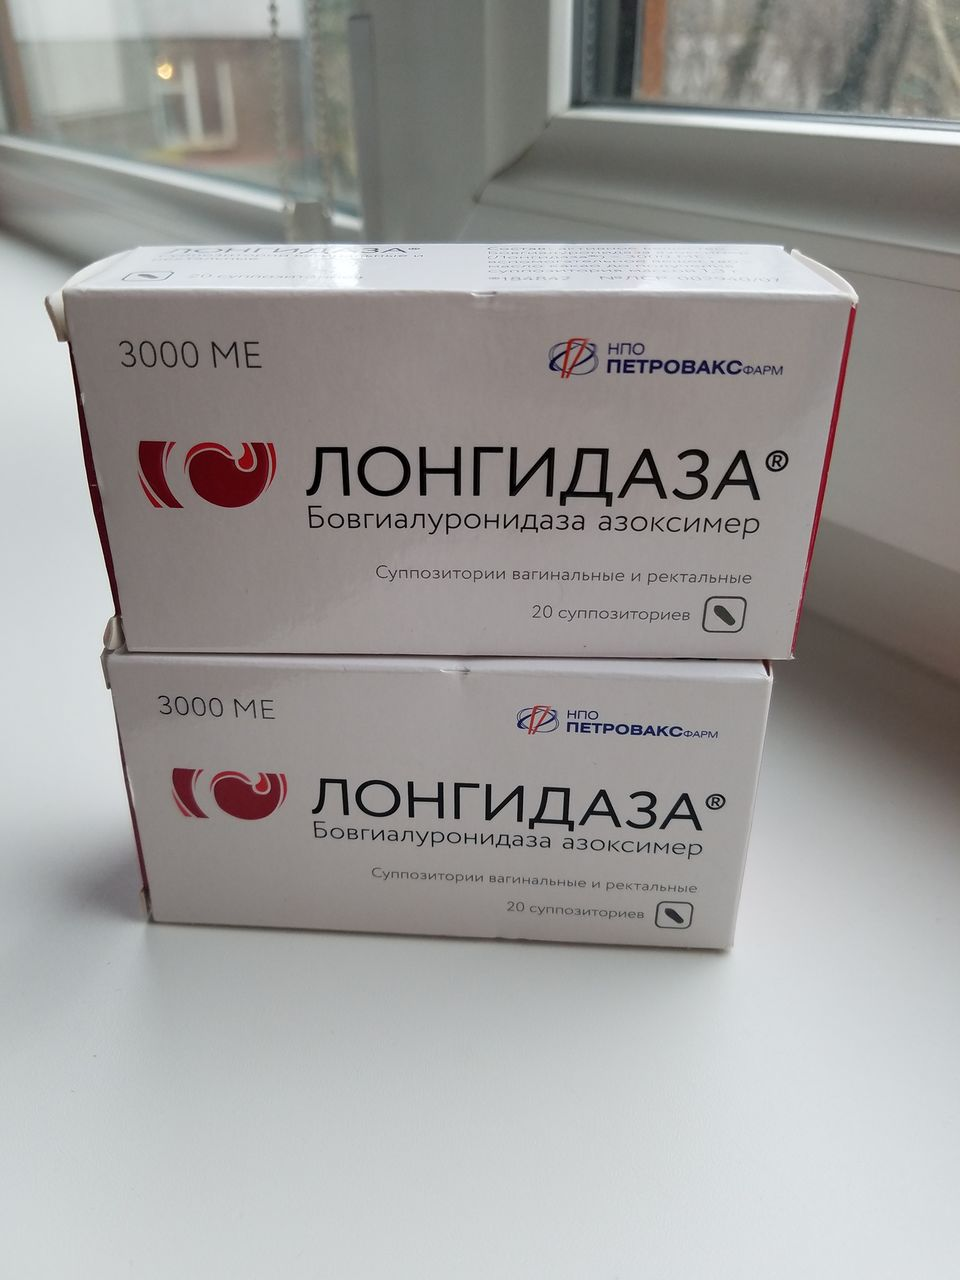 Лонгидаза отзывы простатит лекартство от простатита